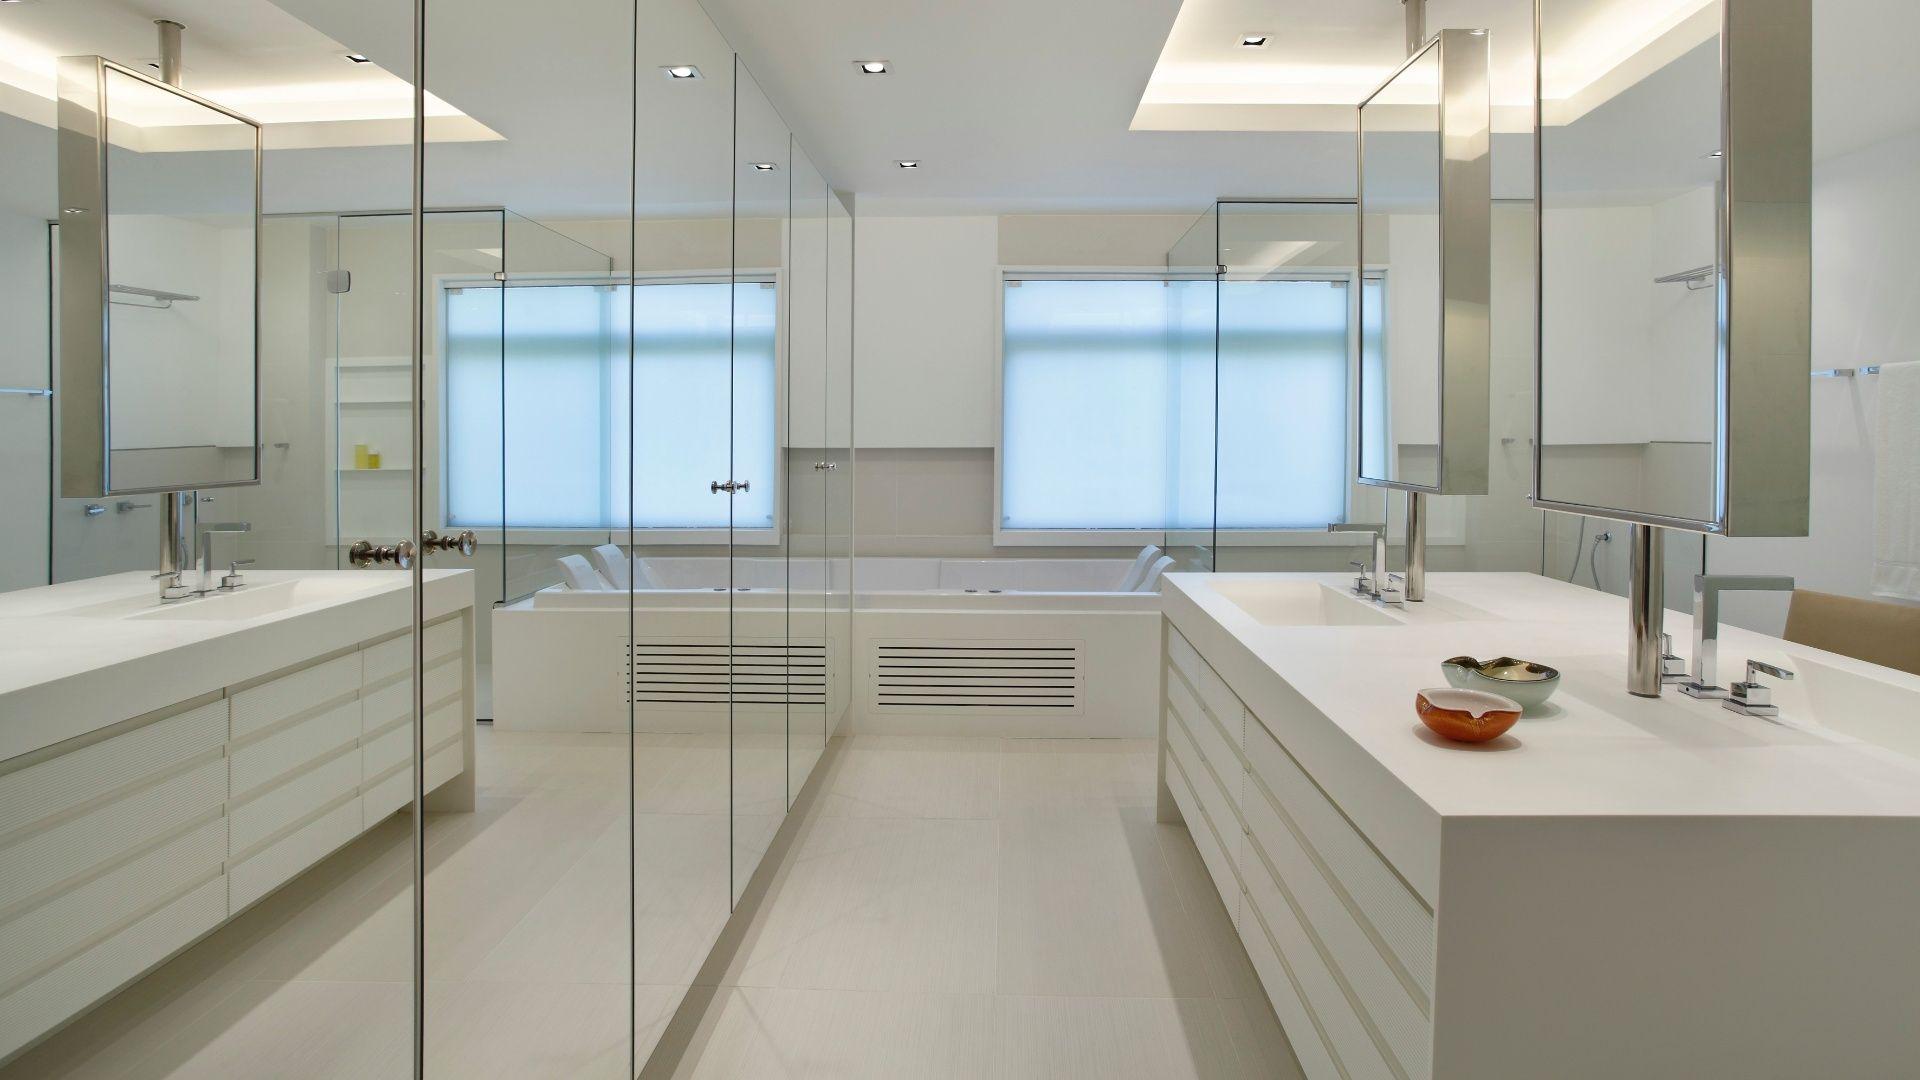 Como manter o banheiro organizado - Dicas de especialistas - Arteblog